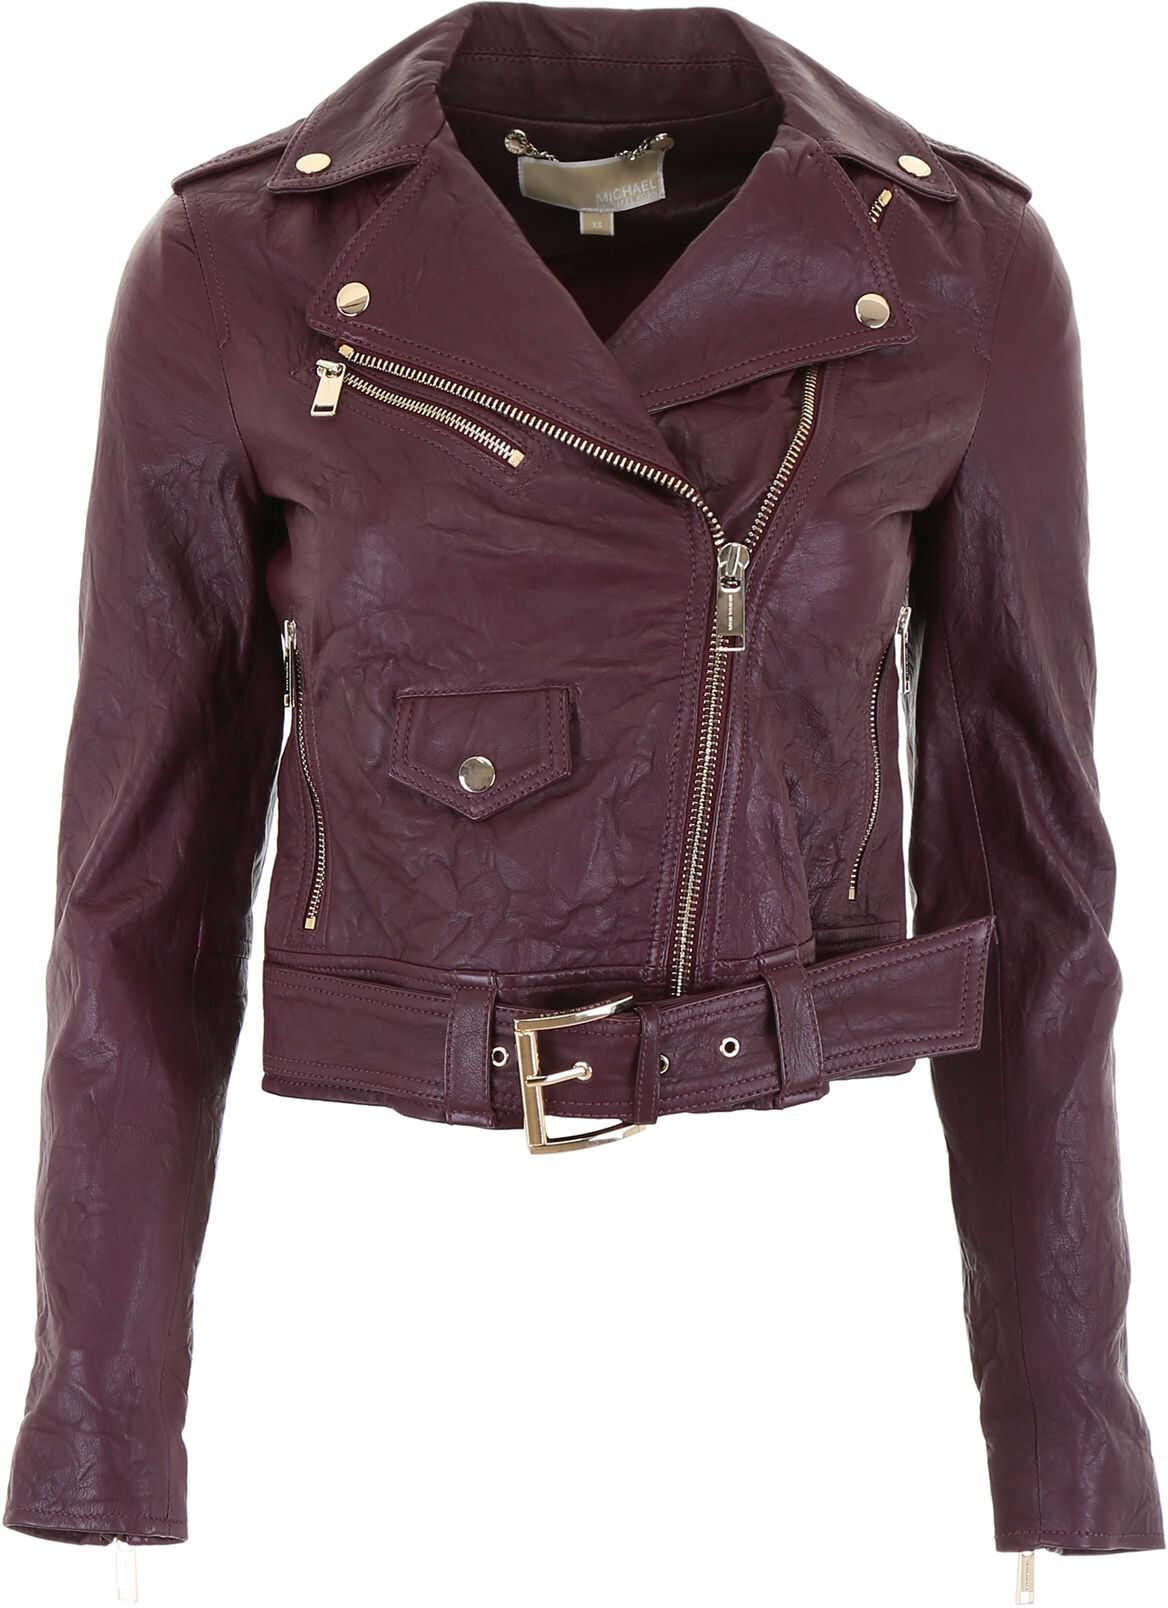 Michael Kors Biker Jacket CORDOVAN